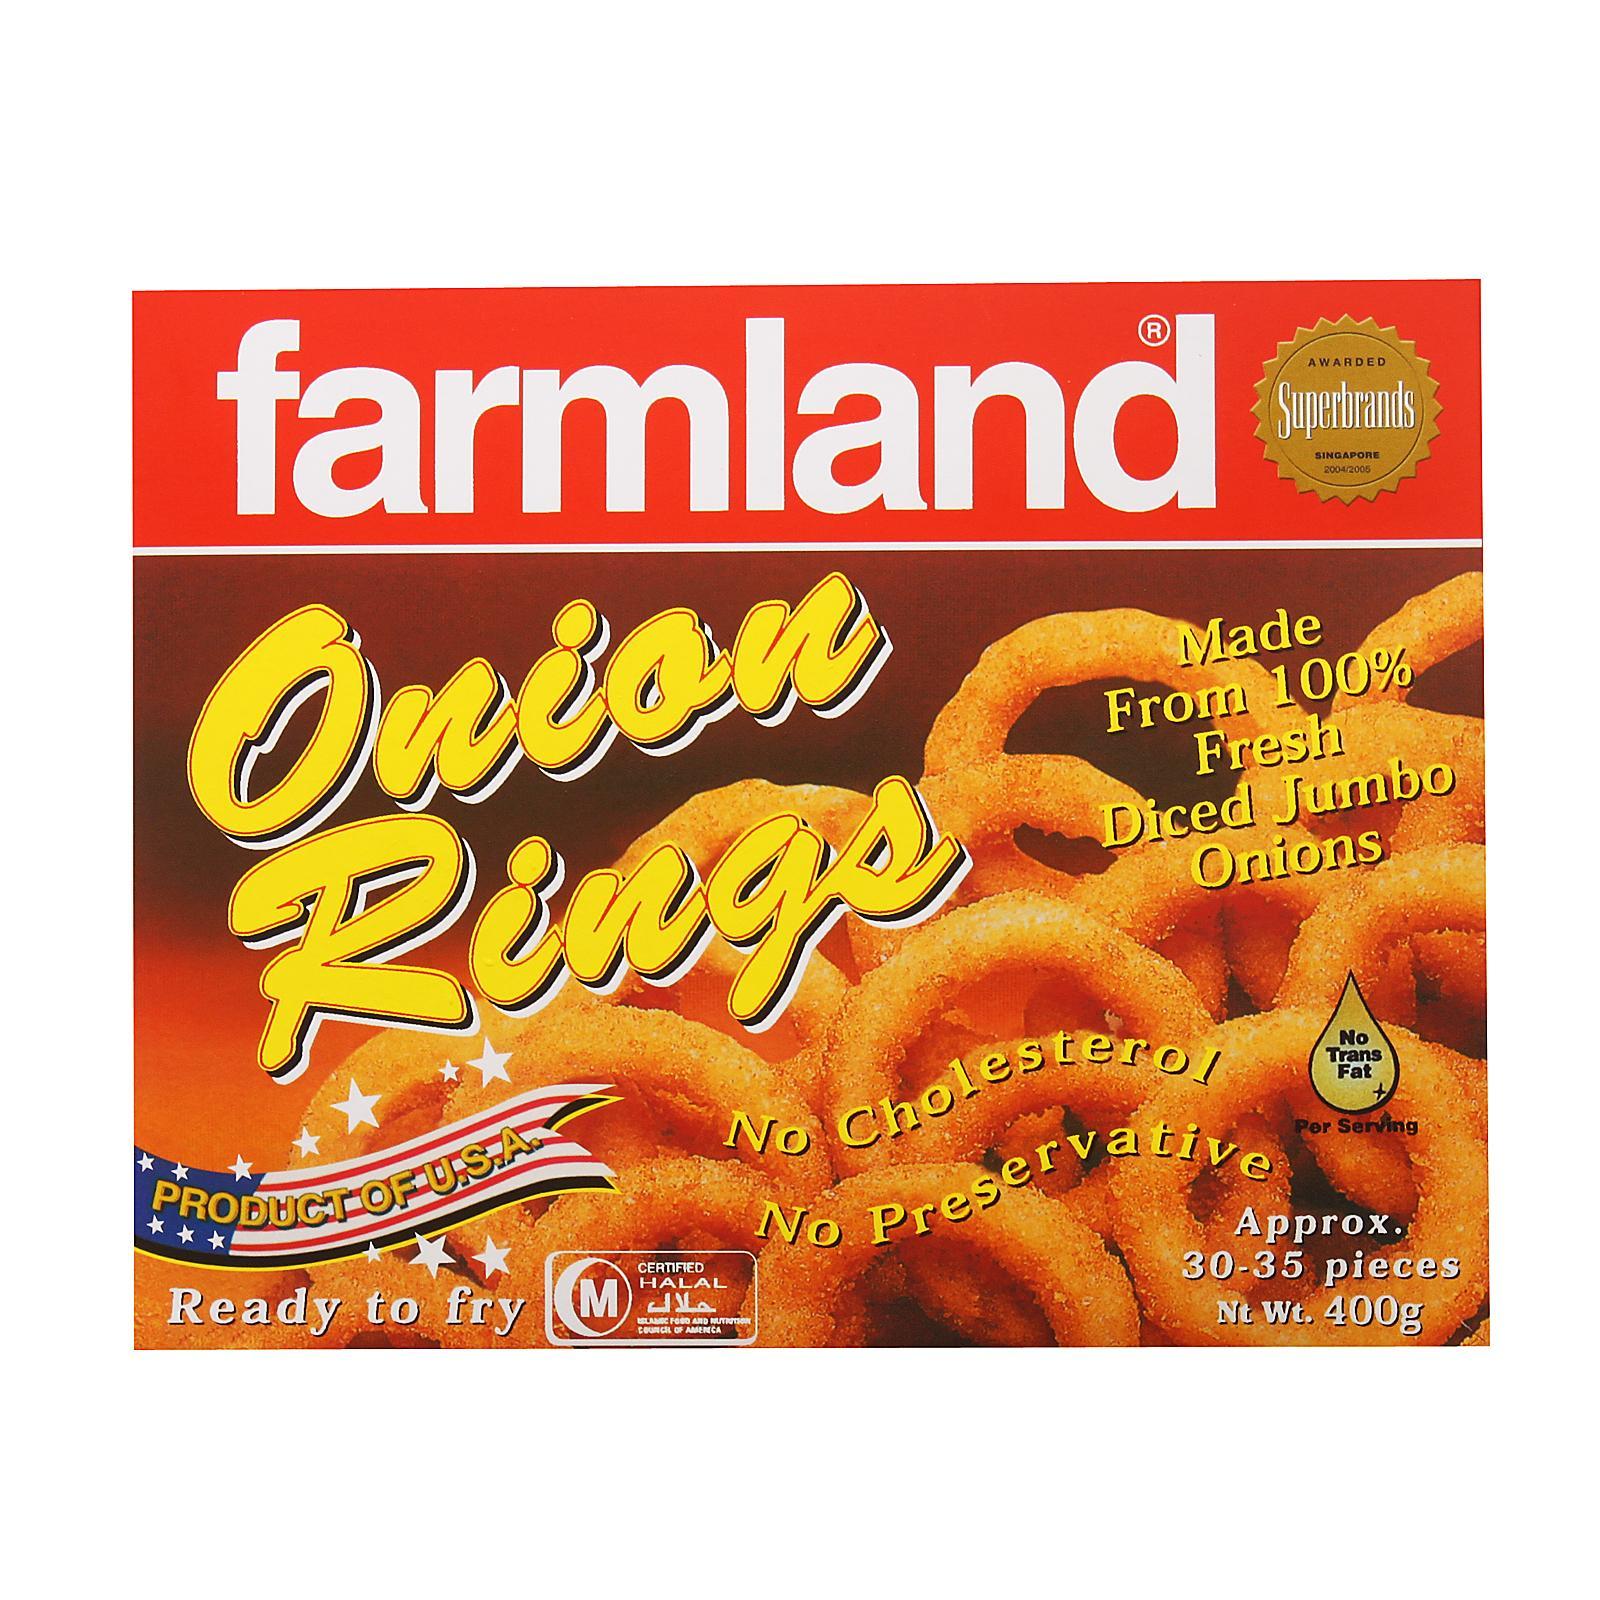 Farmland Onion Rings - Frozen By Redmart.